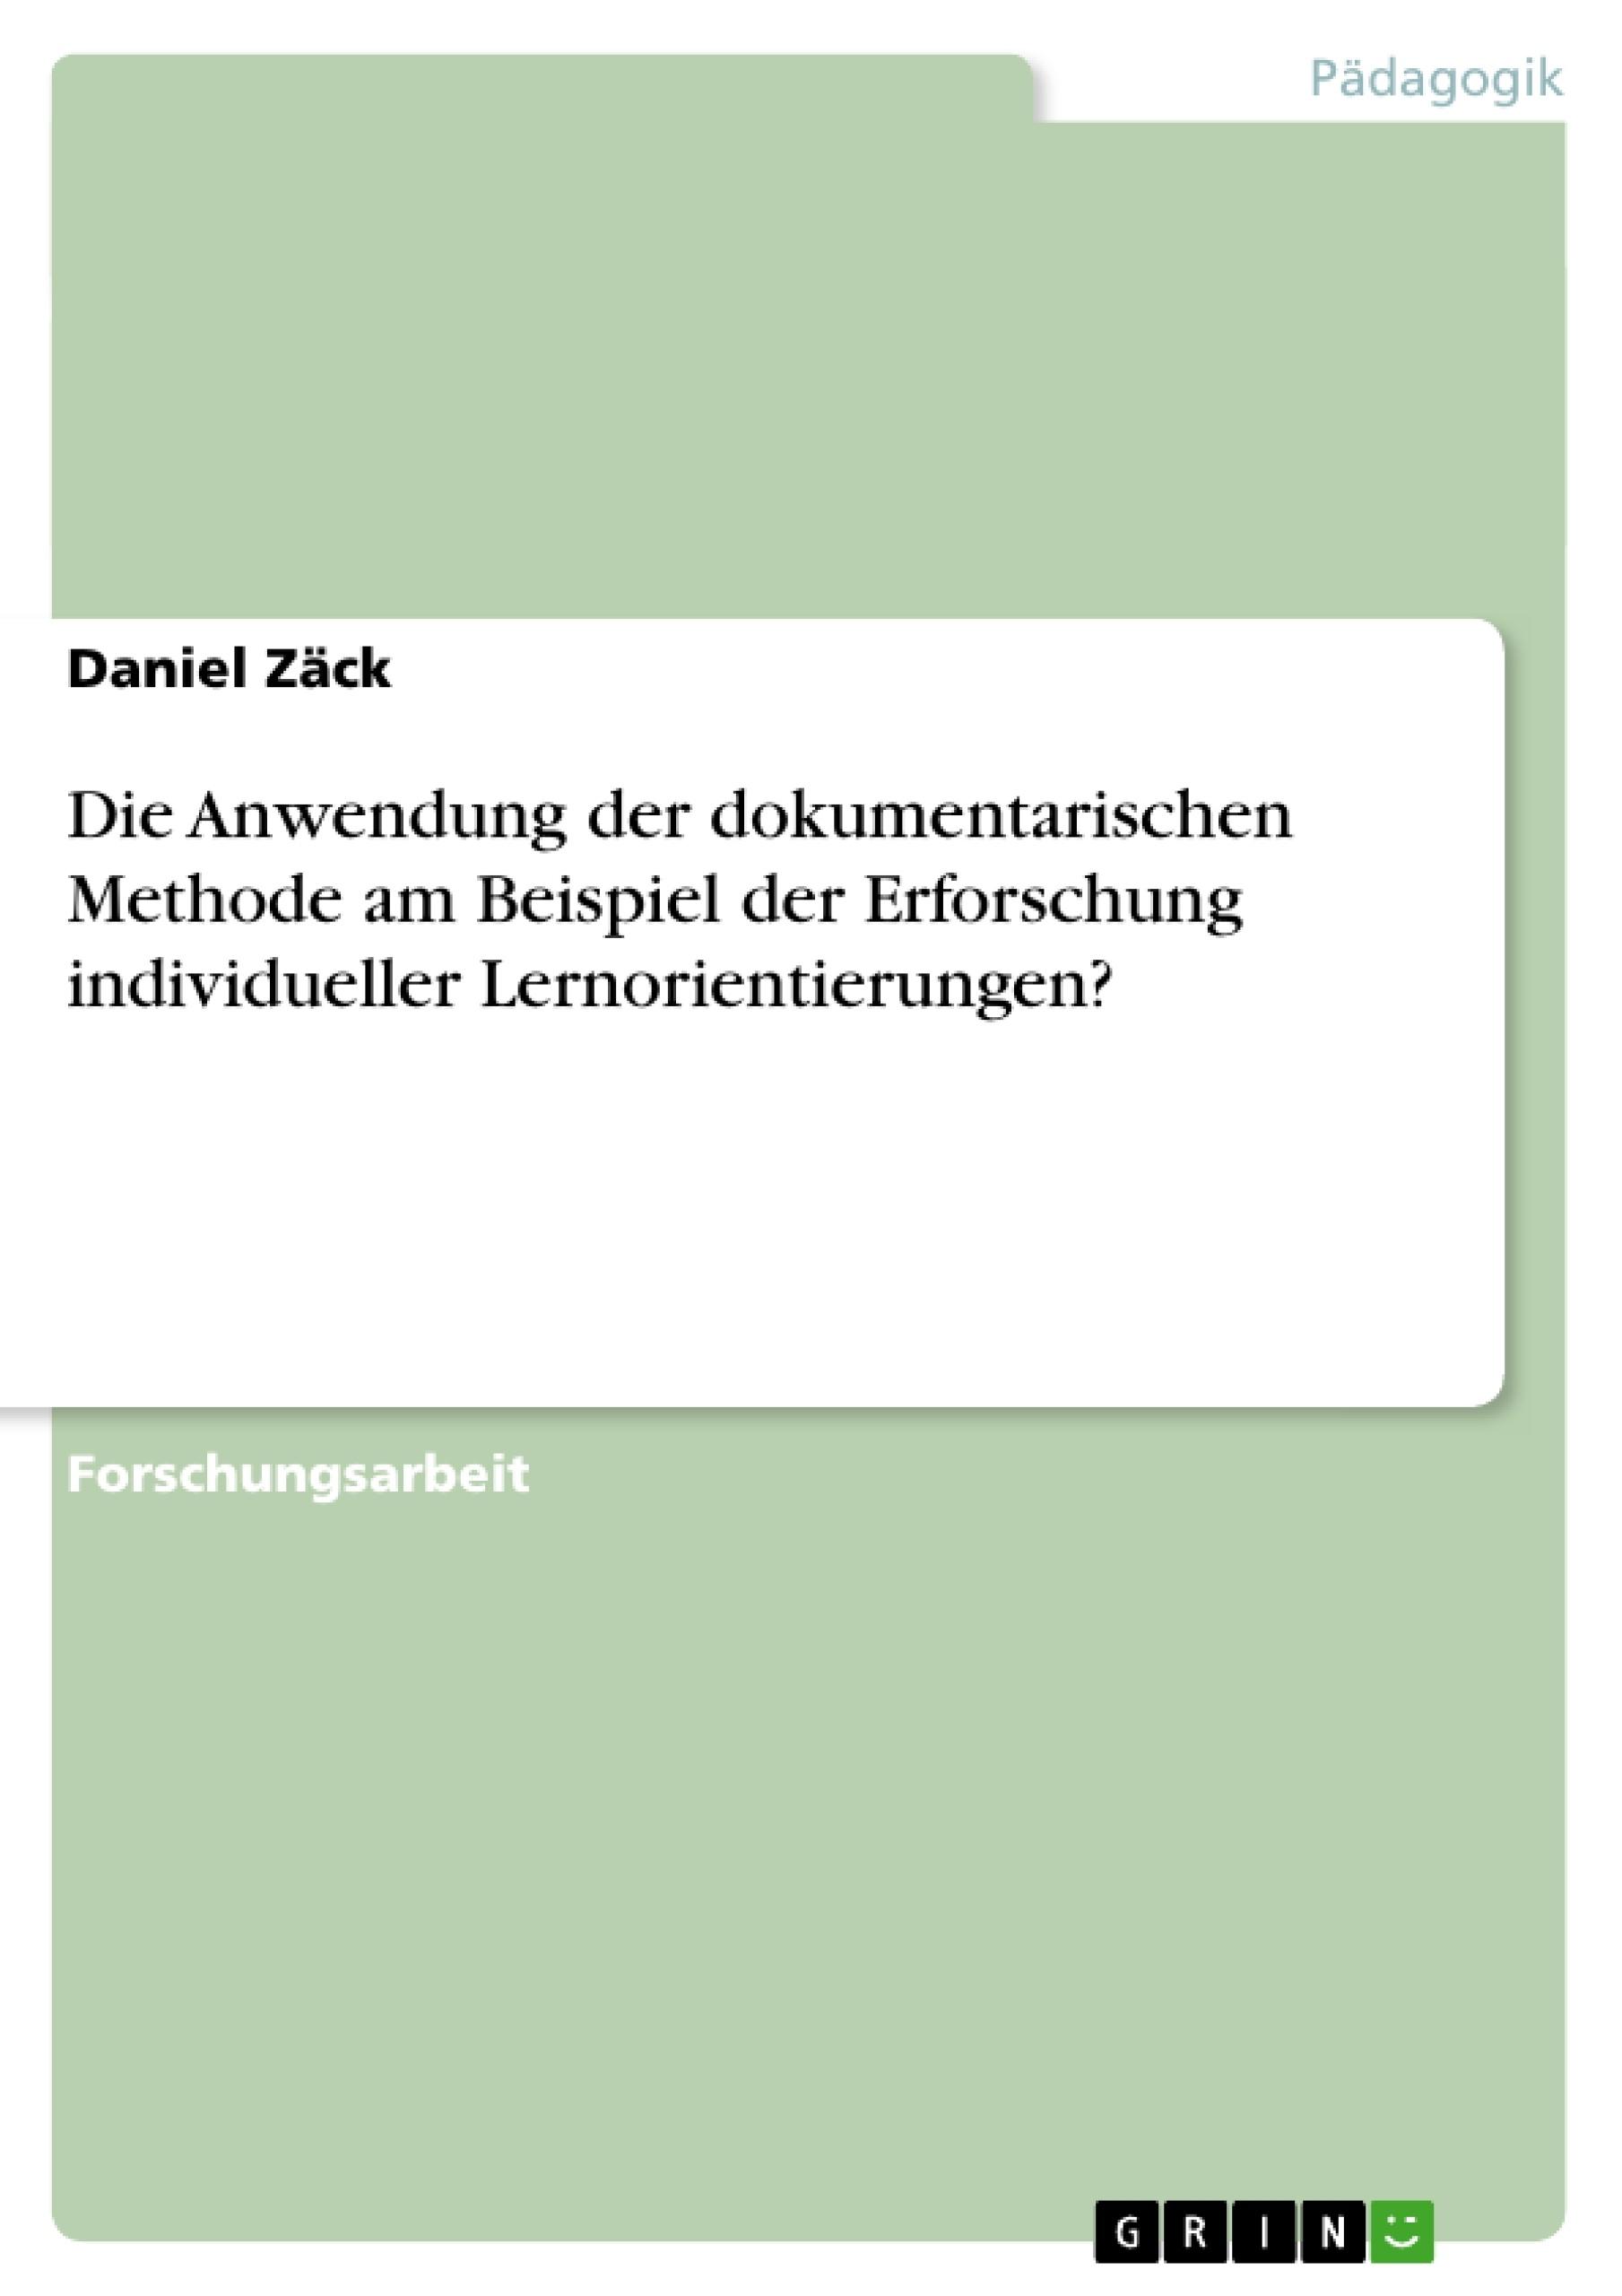 Titel: Die Anwendung der dokumentarischen Methode am Beispiel der Erforschung individueller Lernorientierungen?